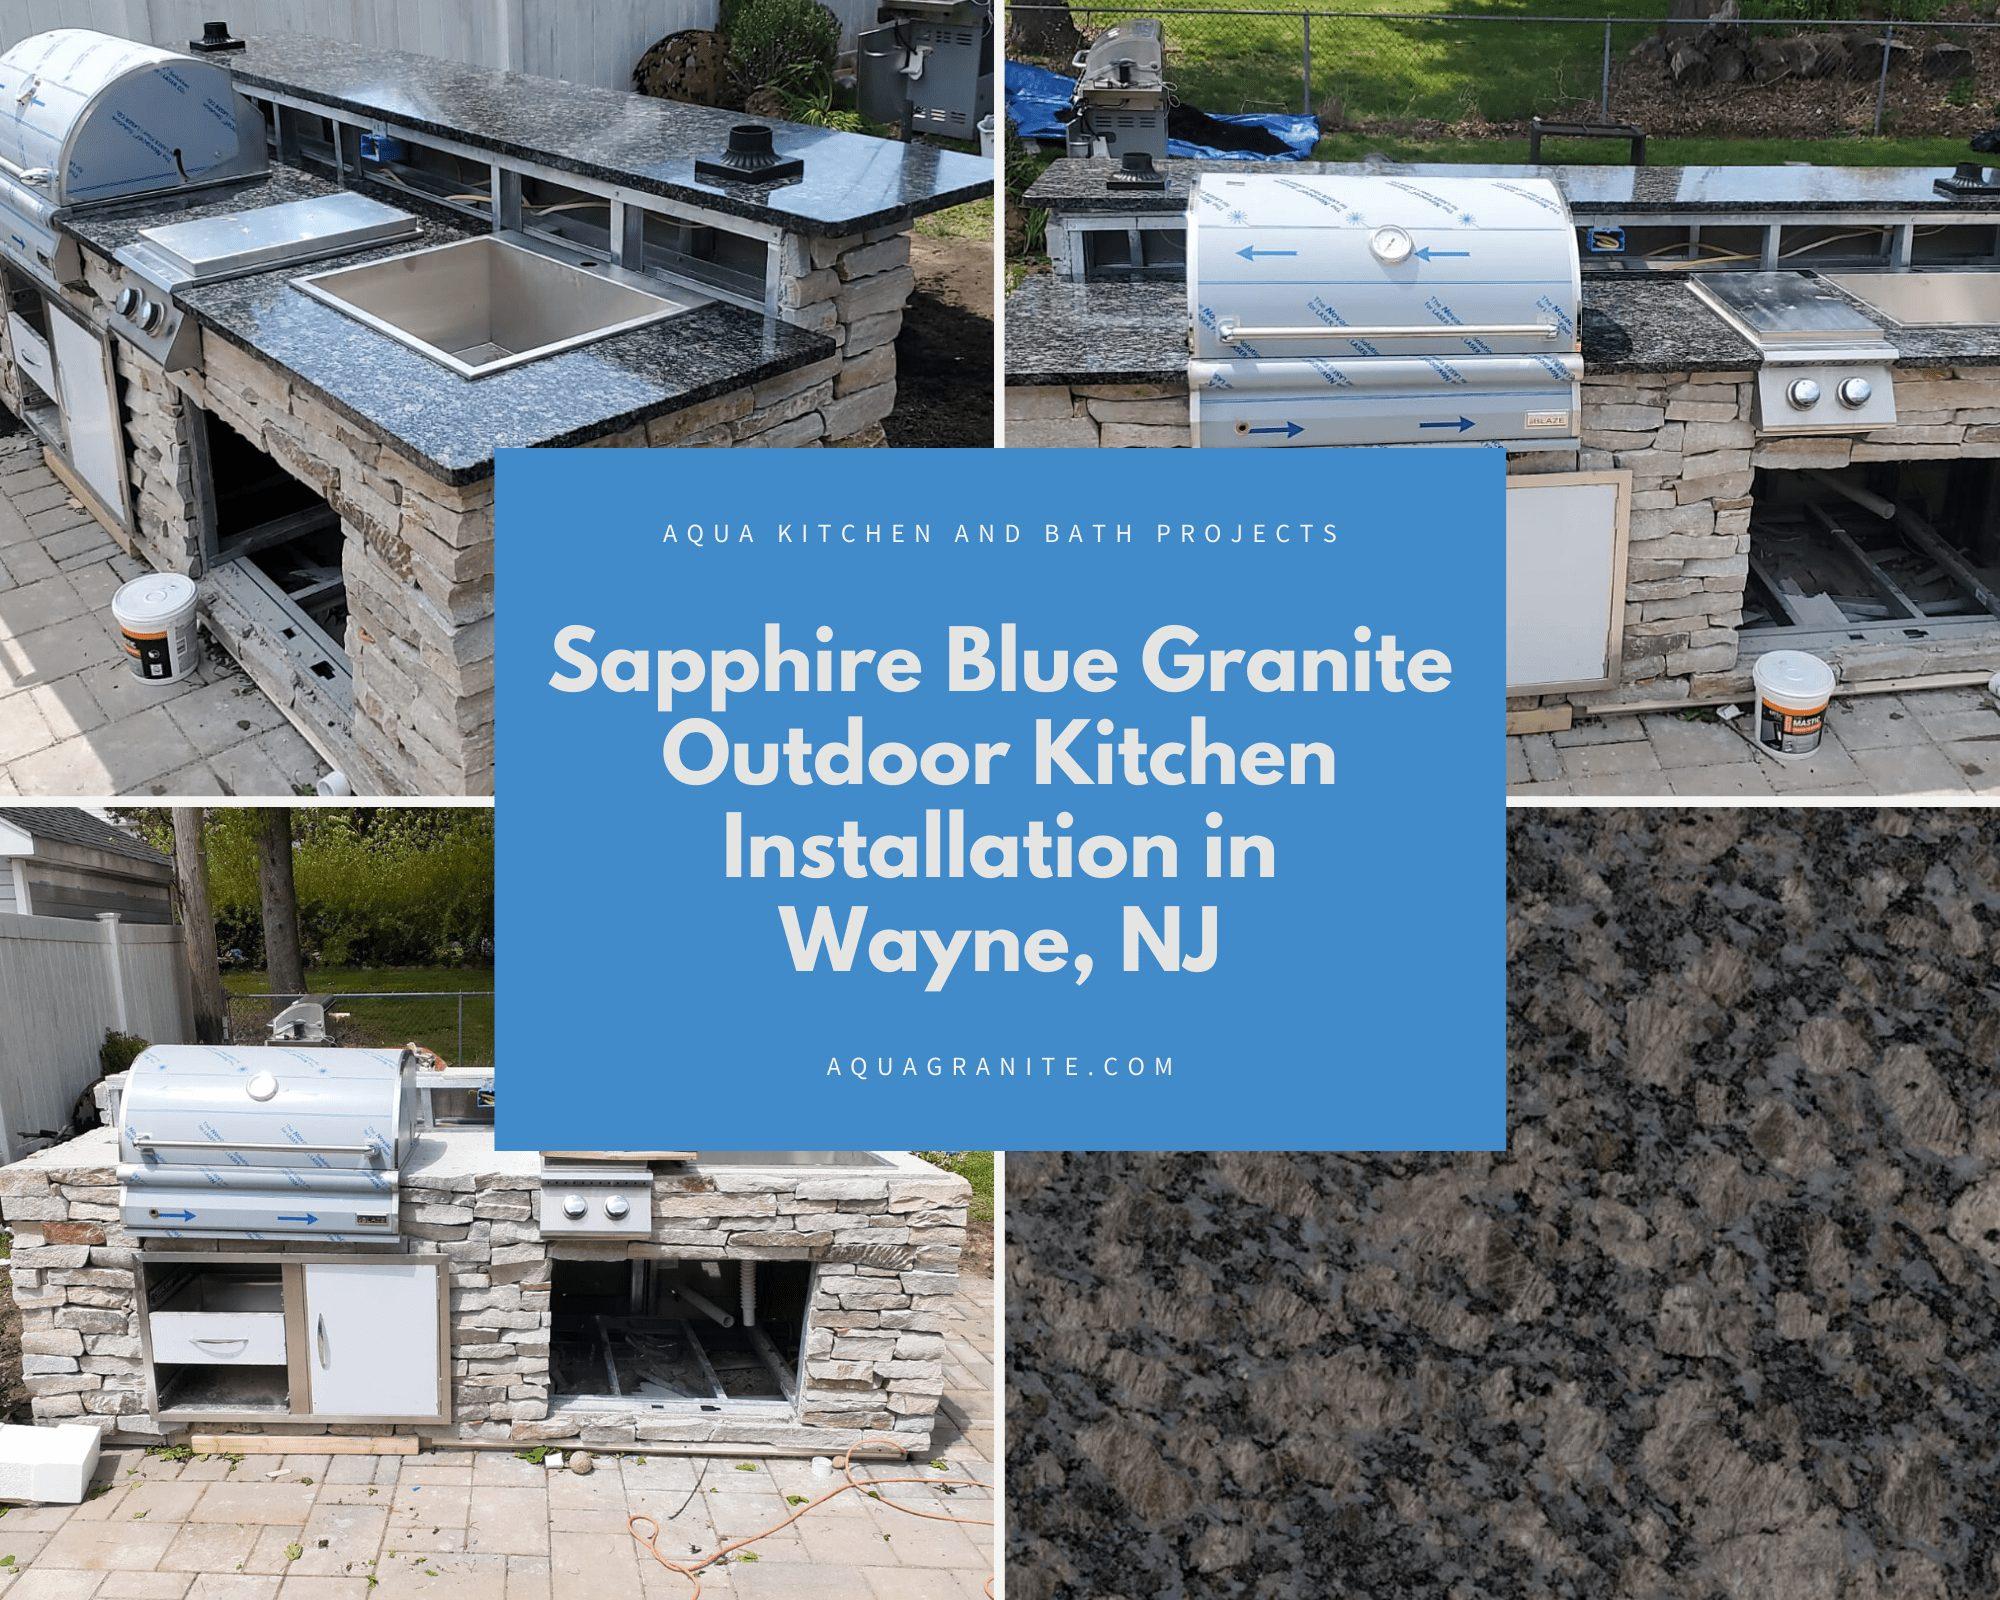 Sapphire Blue Granite Outdoor Kitchen Installation in Wayne, NJ